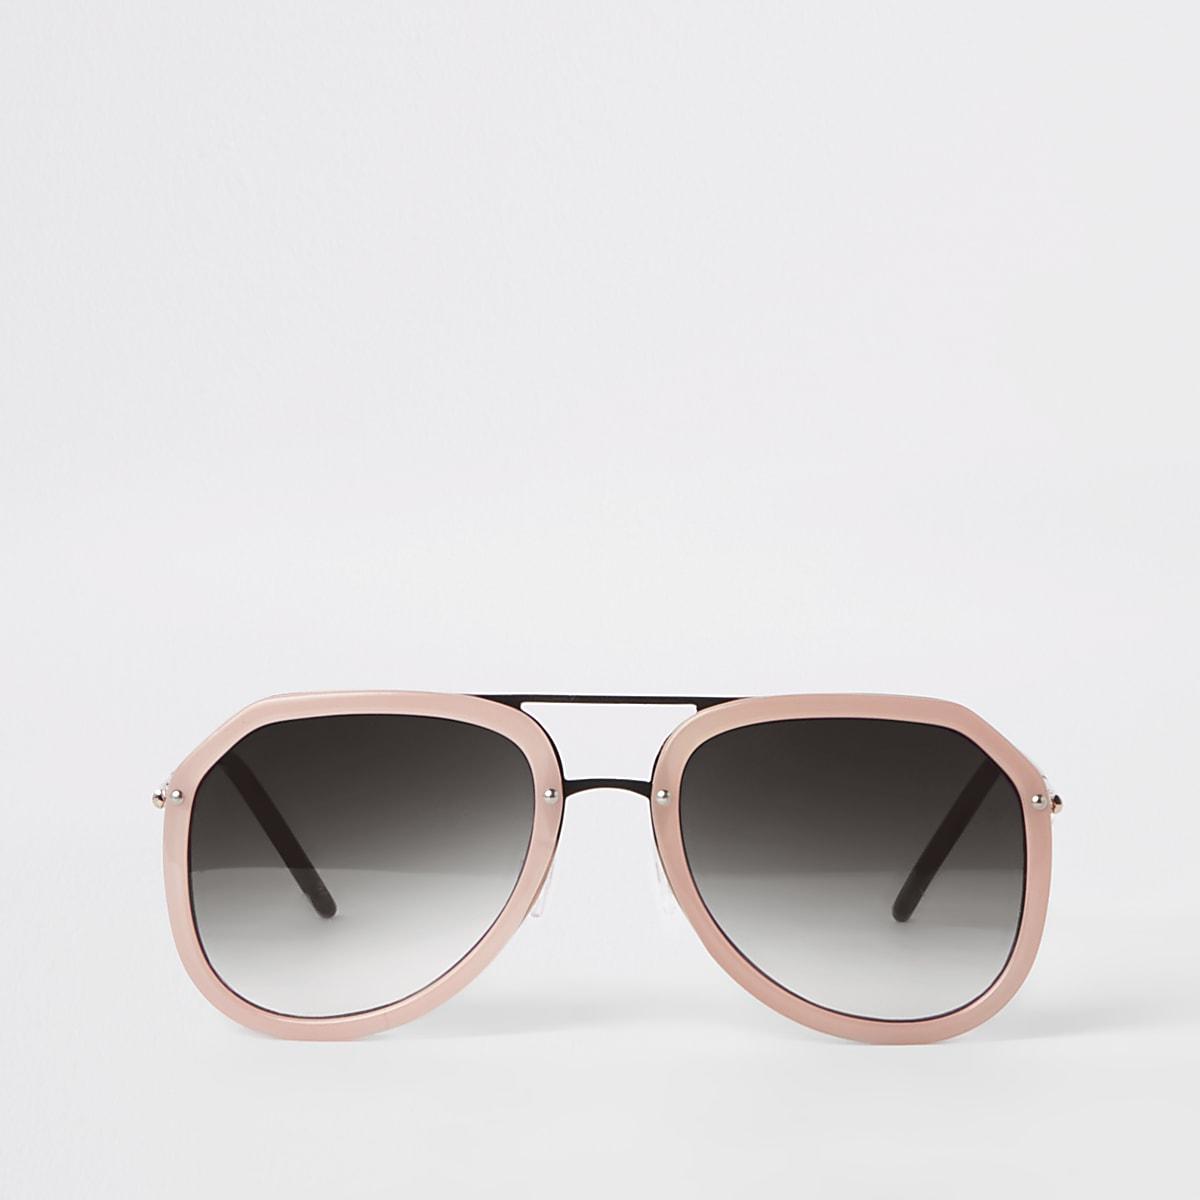 Roze pilotenzonnebril met grijze glazen